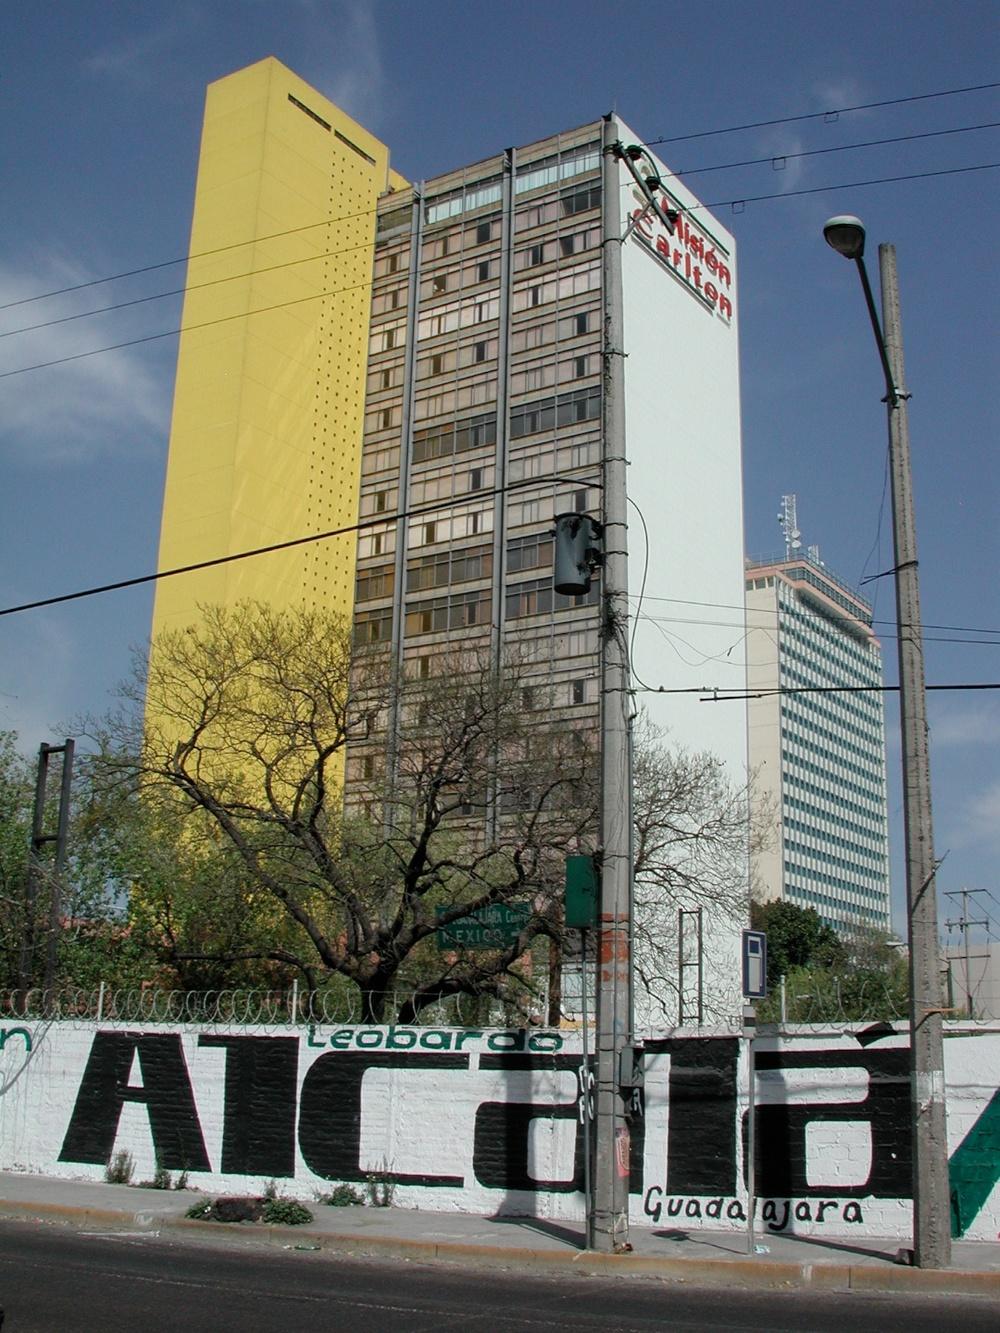 Yellow, Gray & White on Blue Ground, Guadalajara, Jalisco 2006